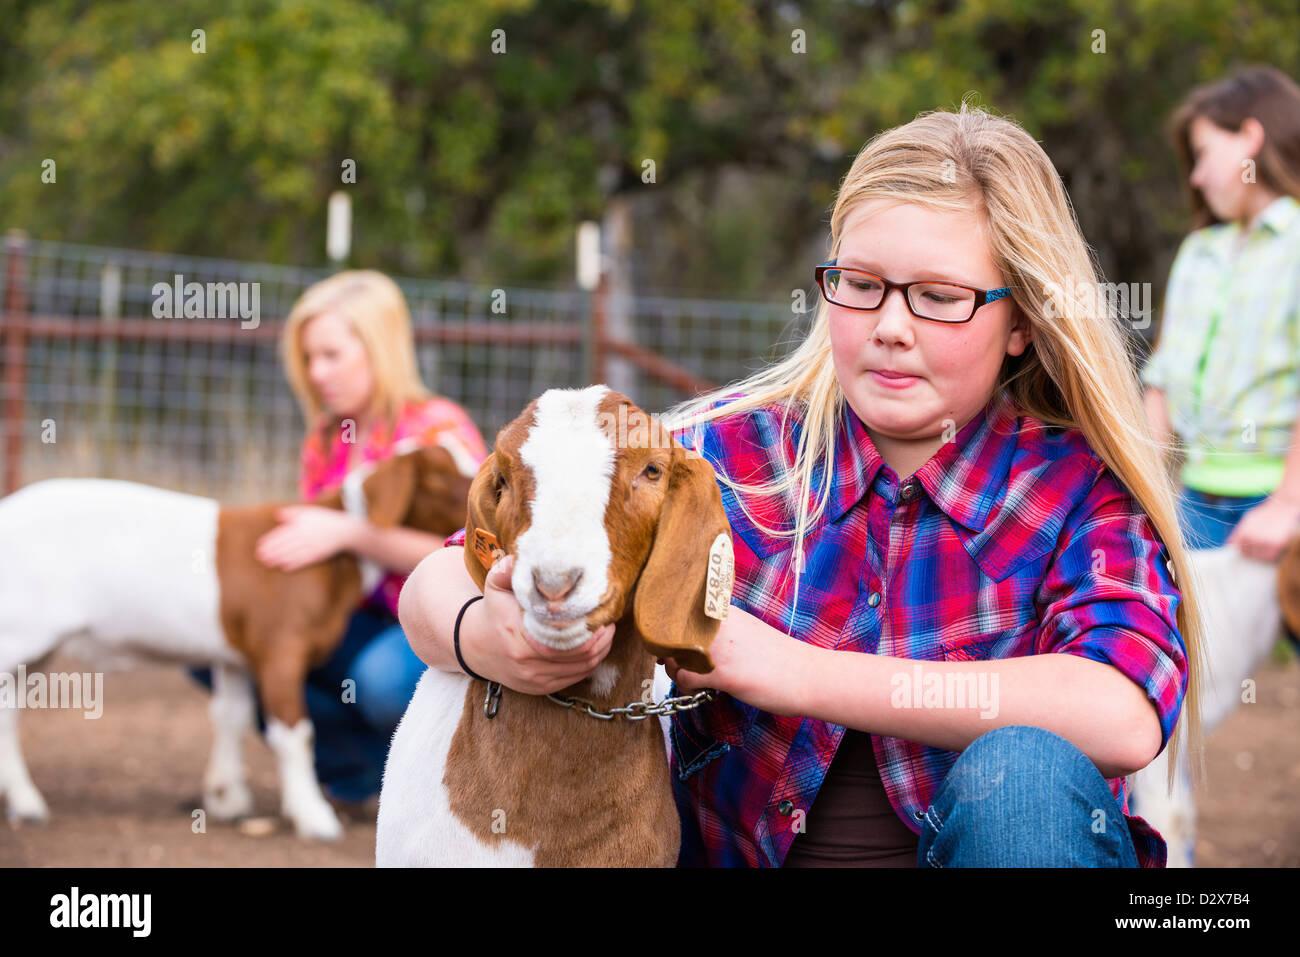 Azienda Agricola Le ragazze prendendo cura del bestiame capre, petting e toelettatura per uno stock mostra Immagini Stock